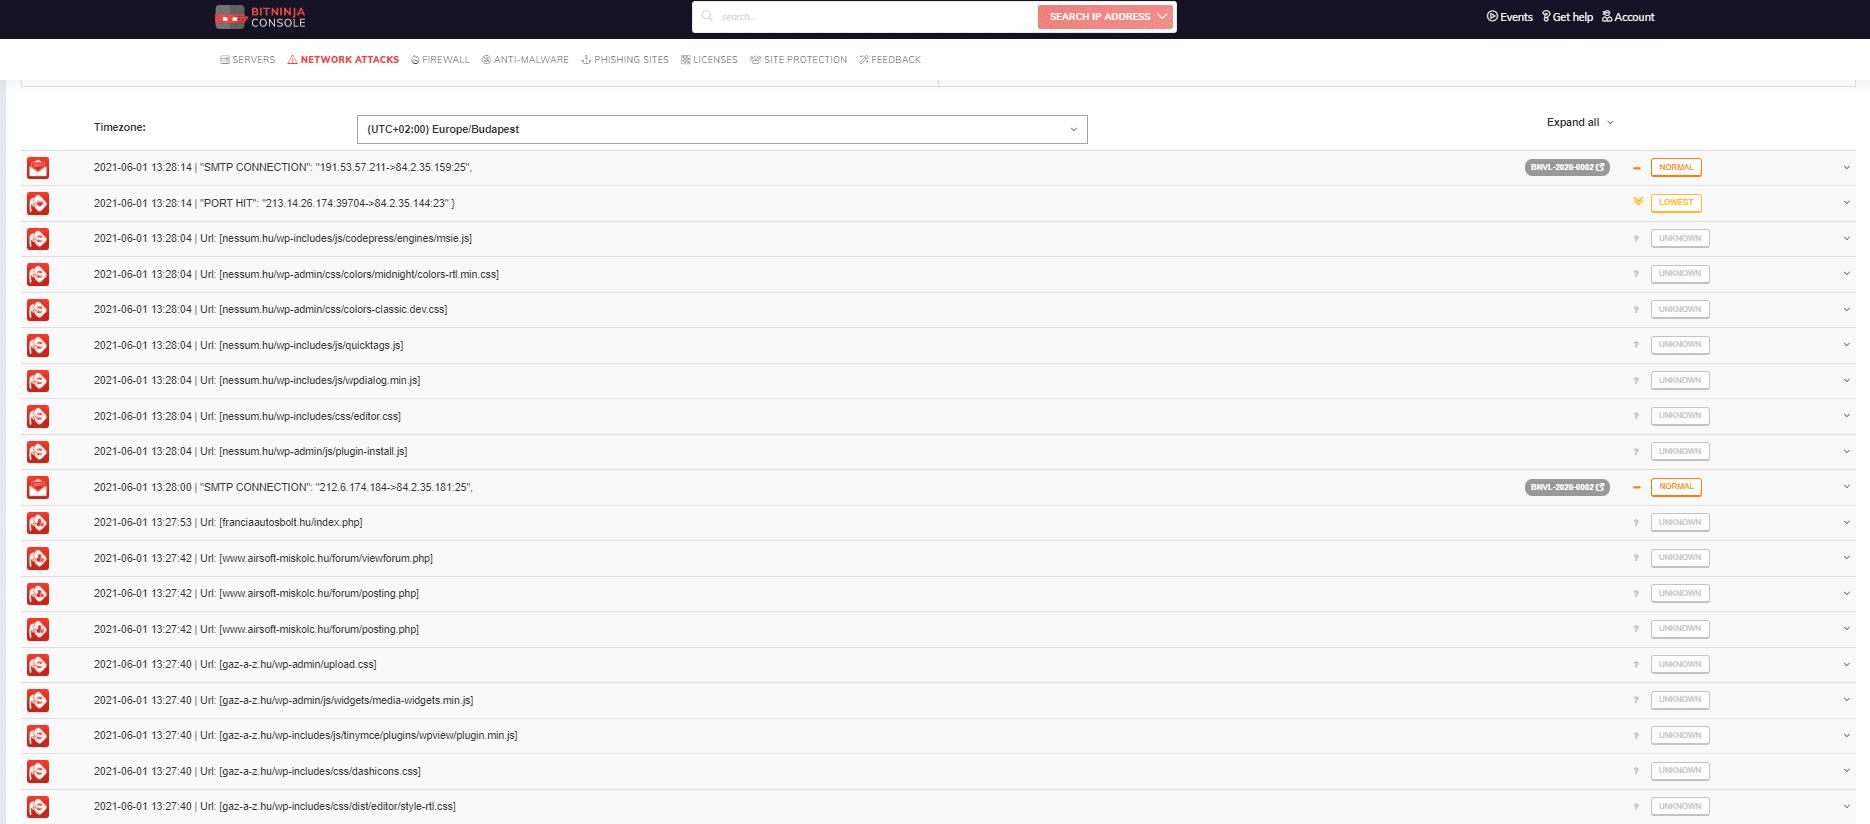 Bitninja HoneyPot Network Attack